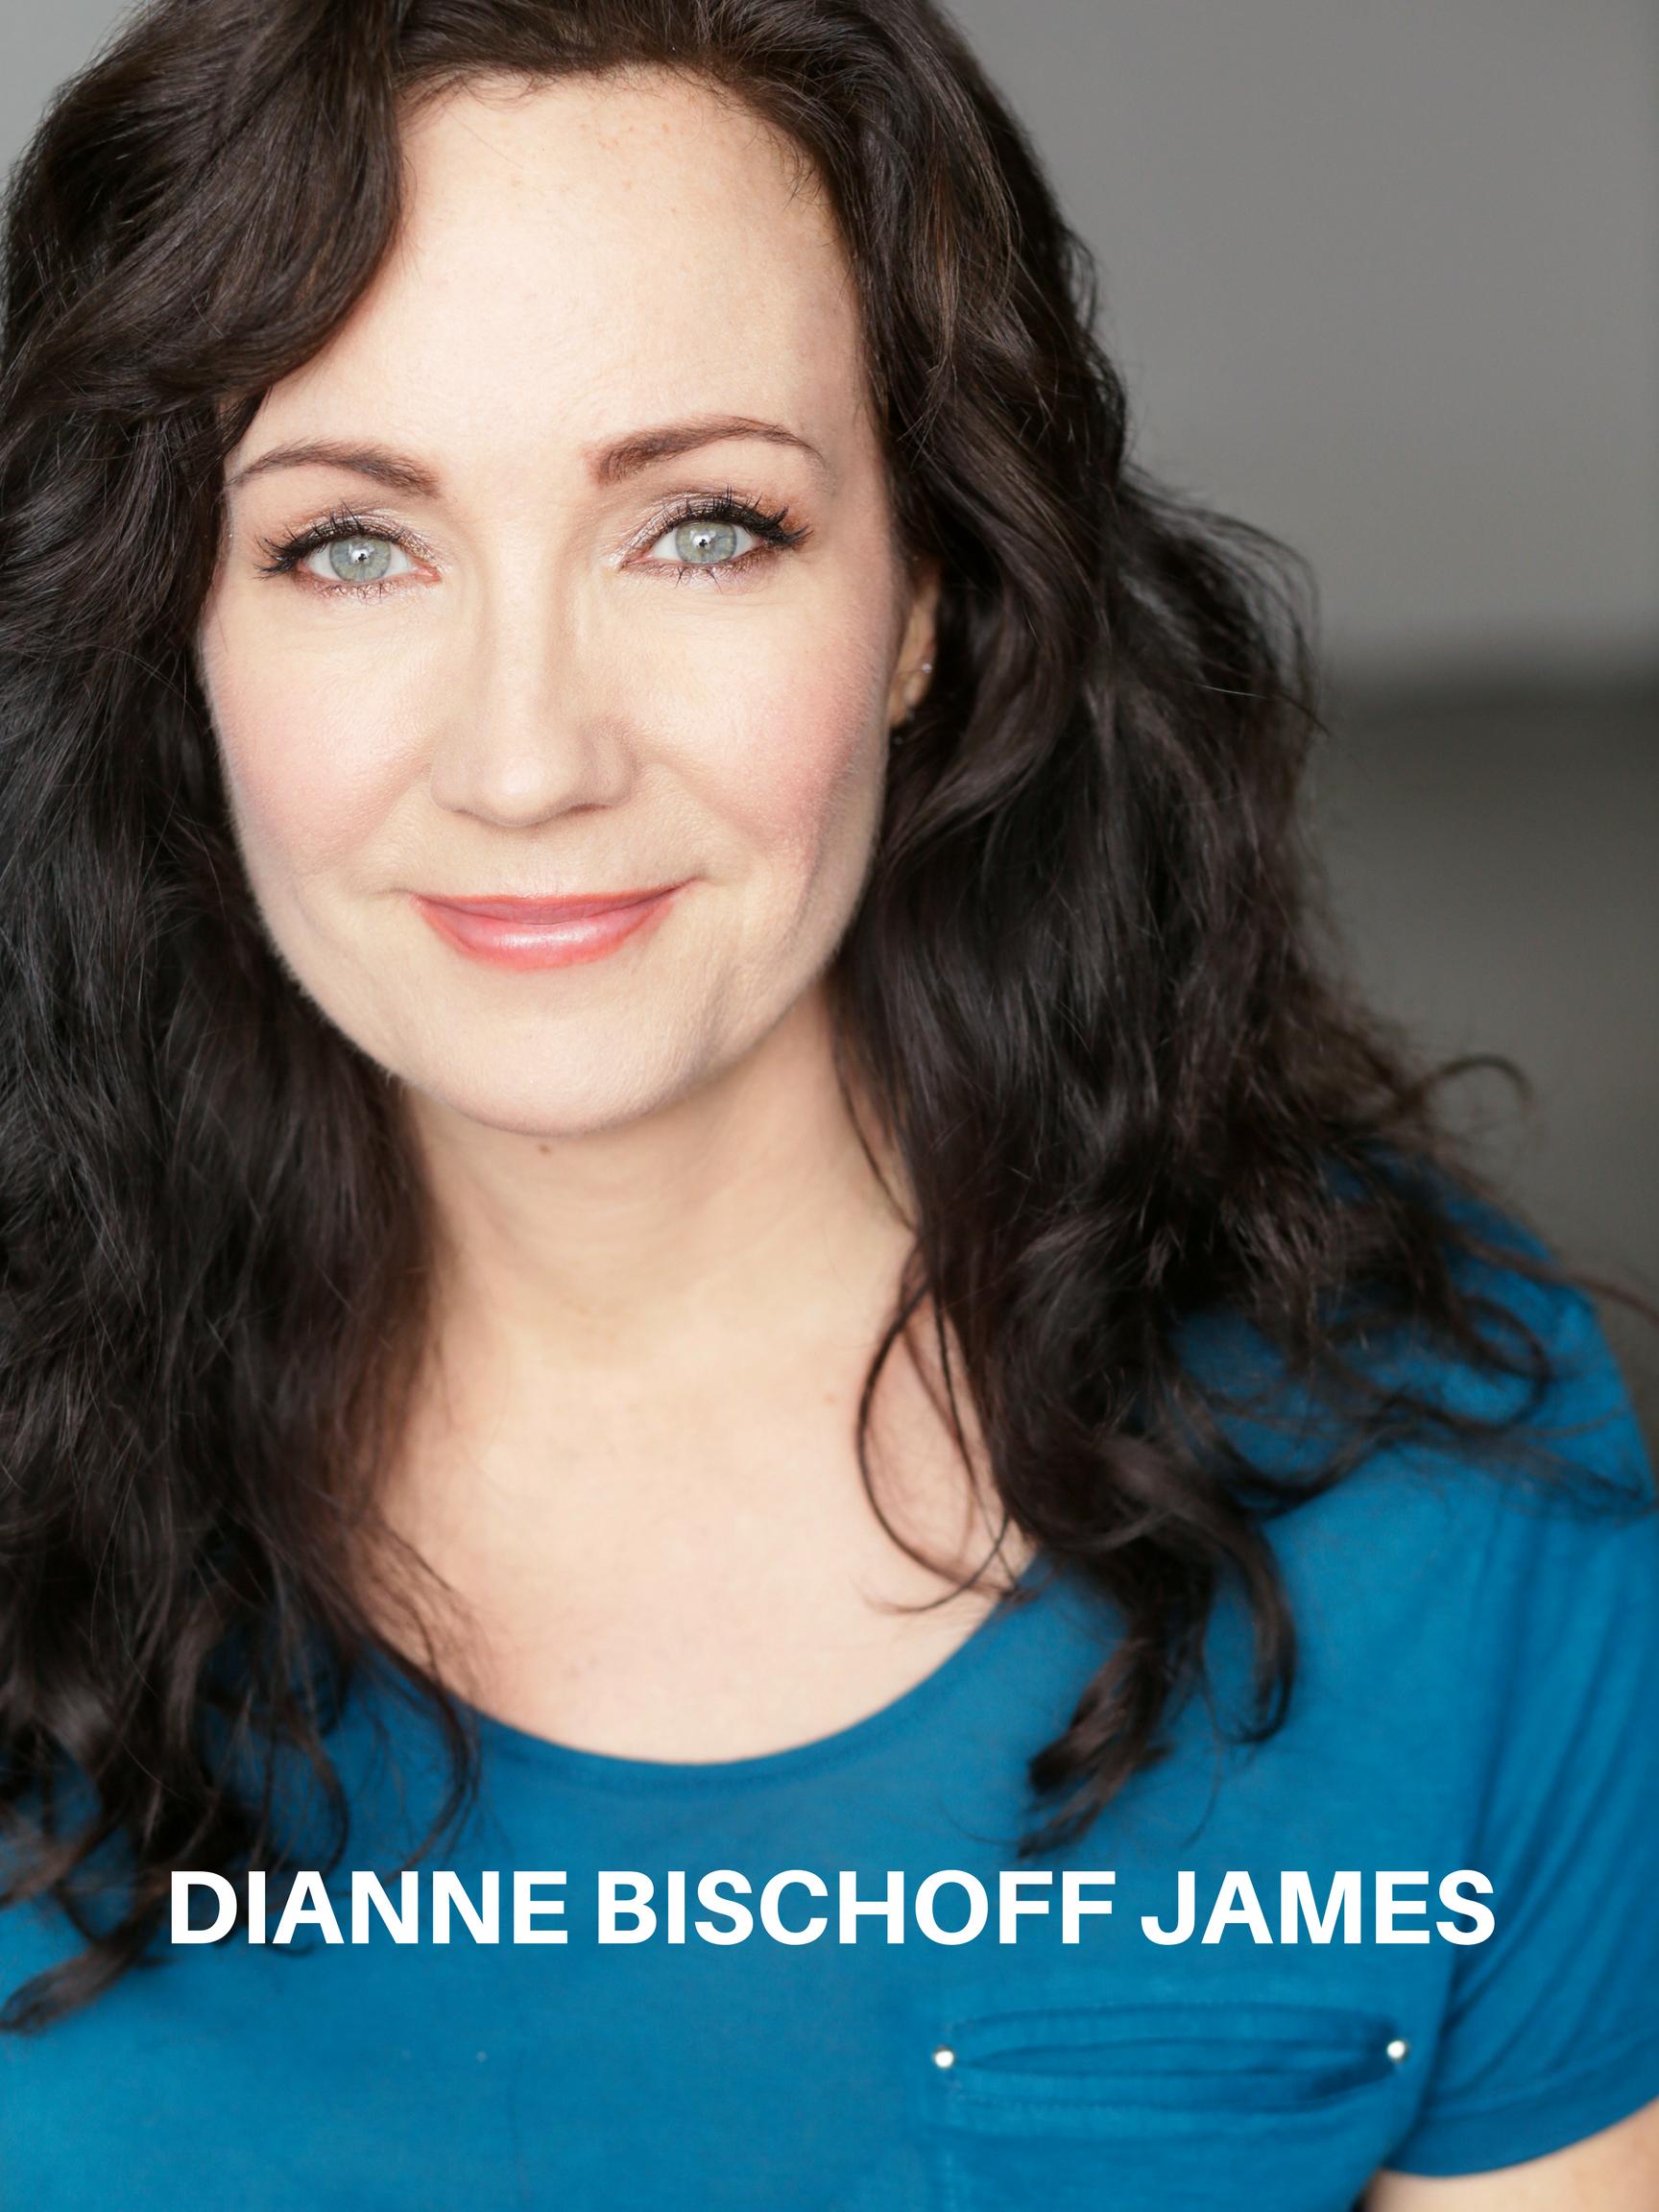 Dianne Bischoff James